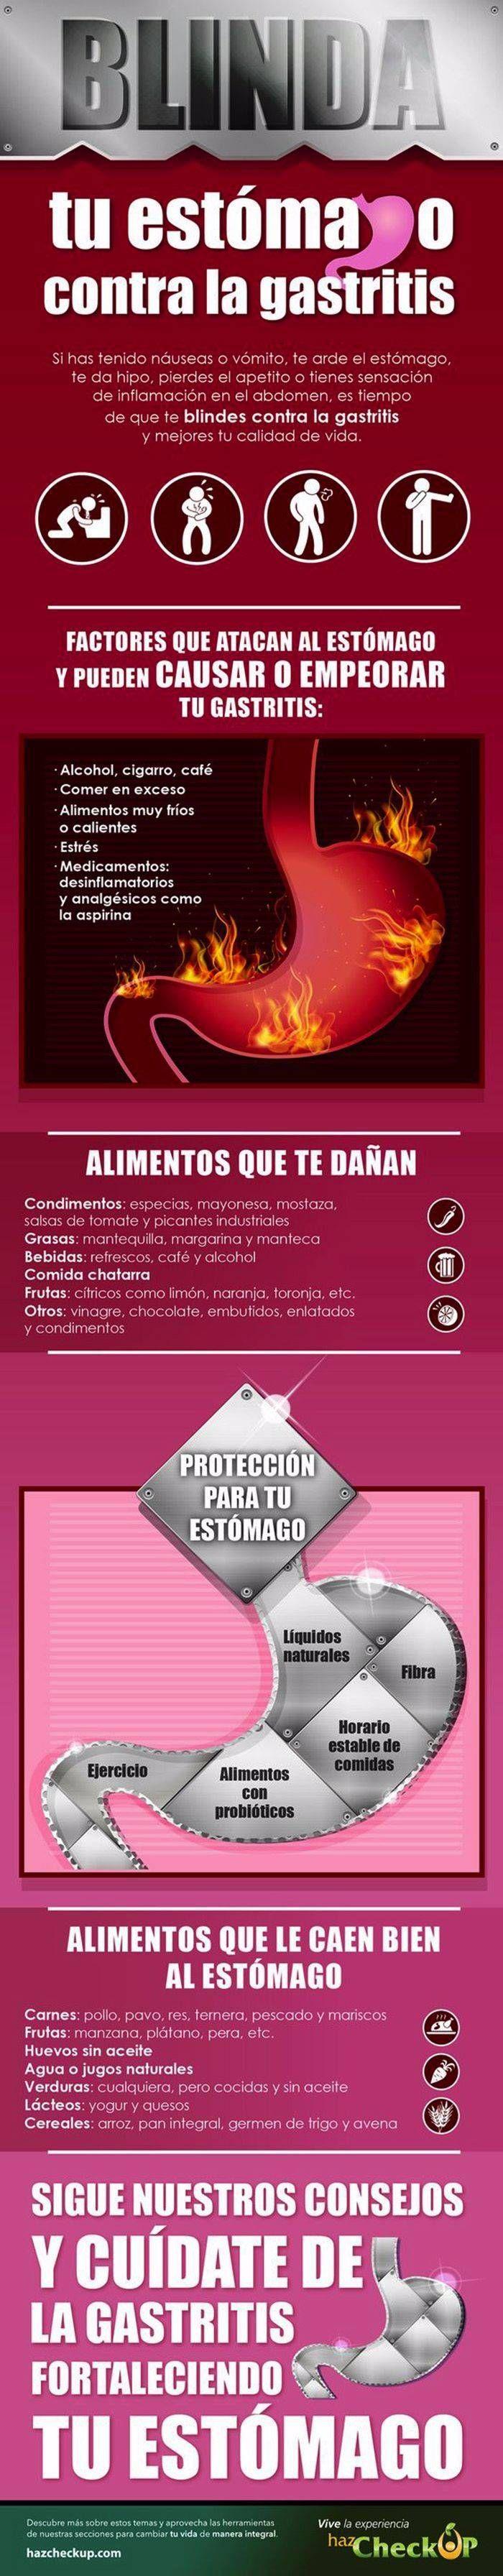 Alimentos y hábitos que dañan tu estómago y alimentos recomendados para prevenir la gastritis. #infografias #gastritis #salud